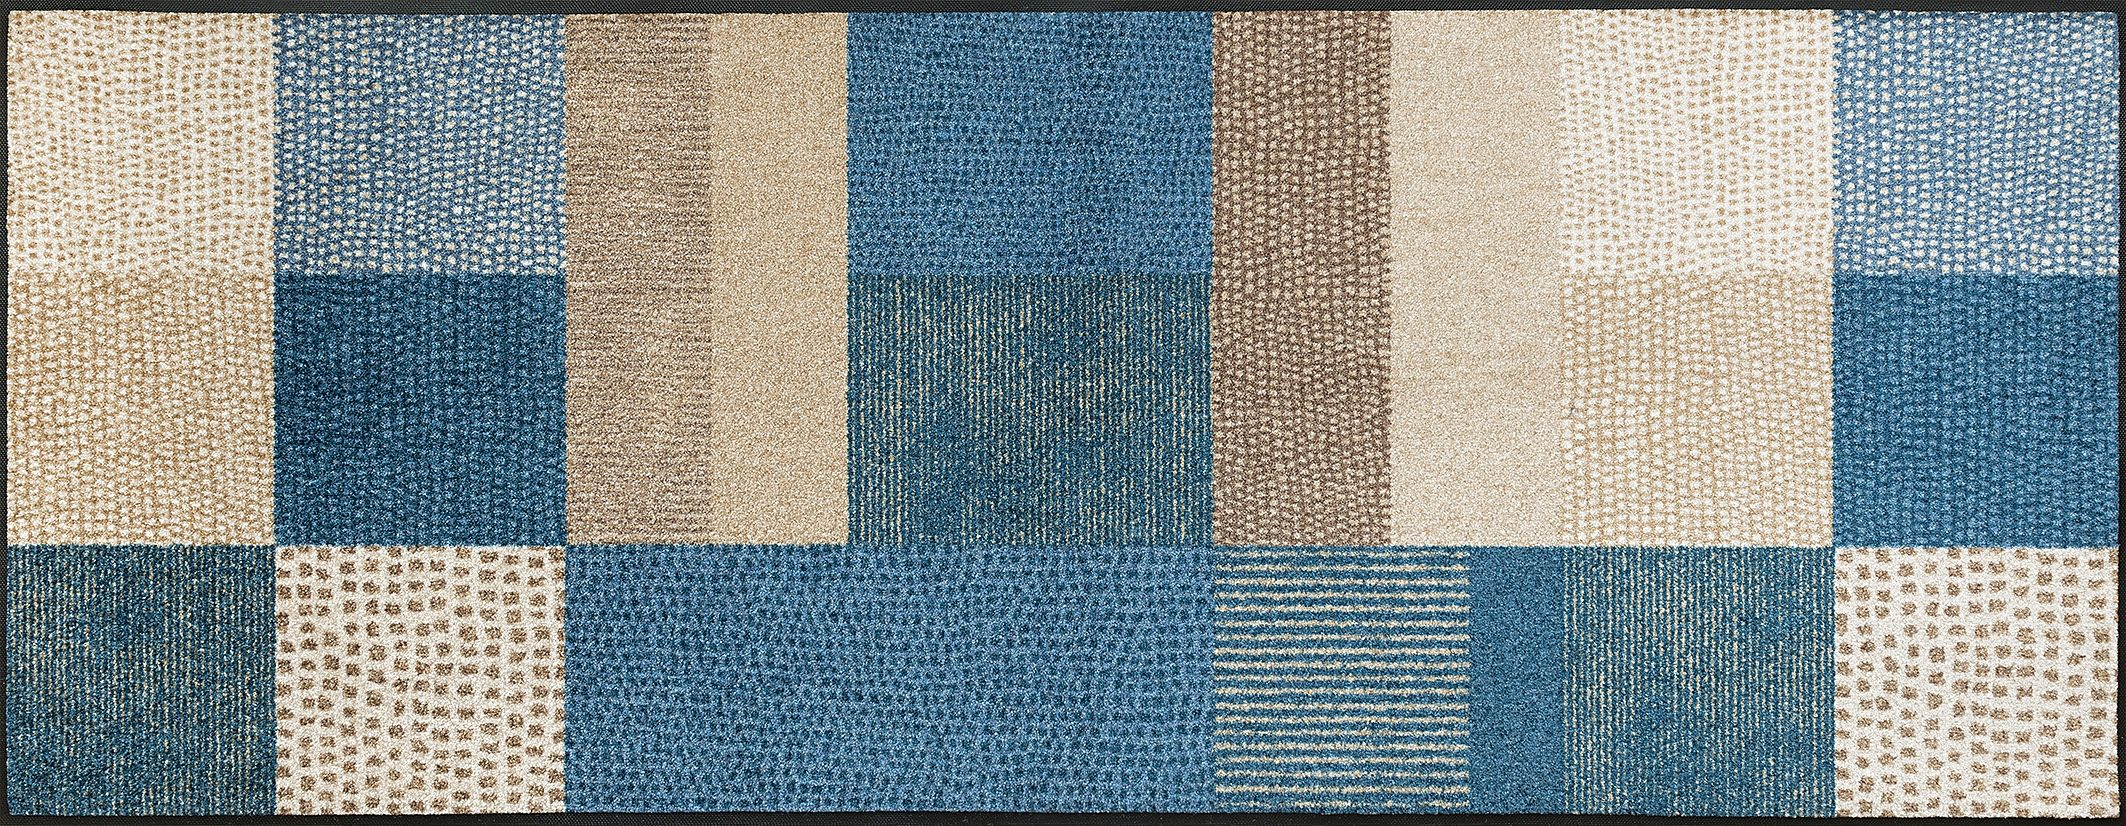 Läufer Lanas wash+dry by Kleen-Tex rechteckig Höhe 7 mm gedruckt